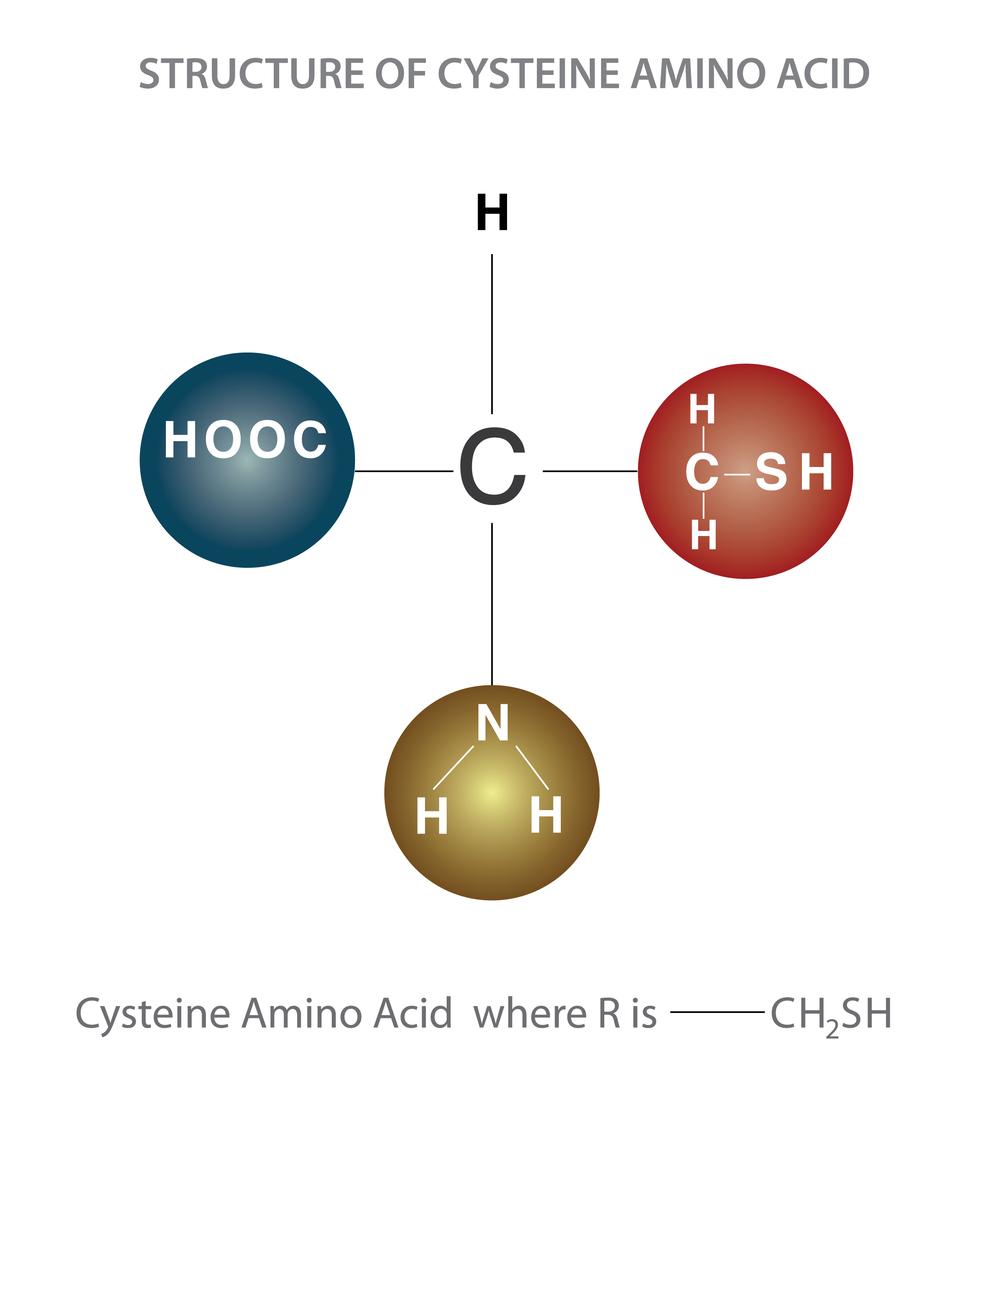 Structure of cysteine